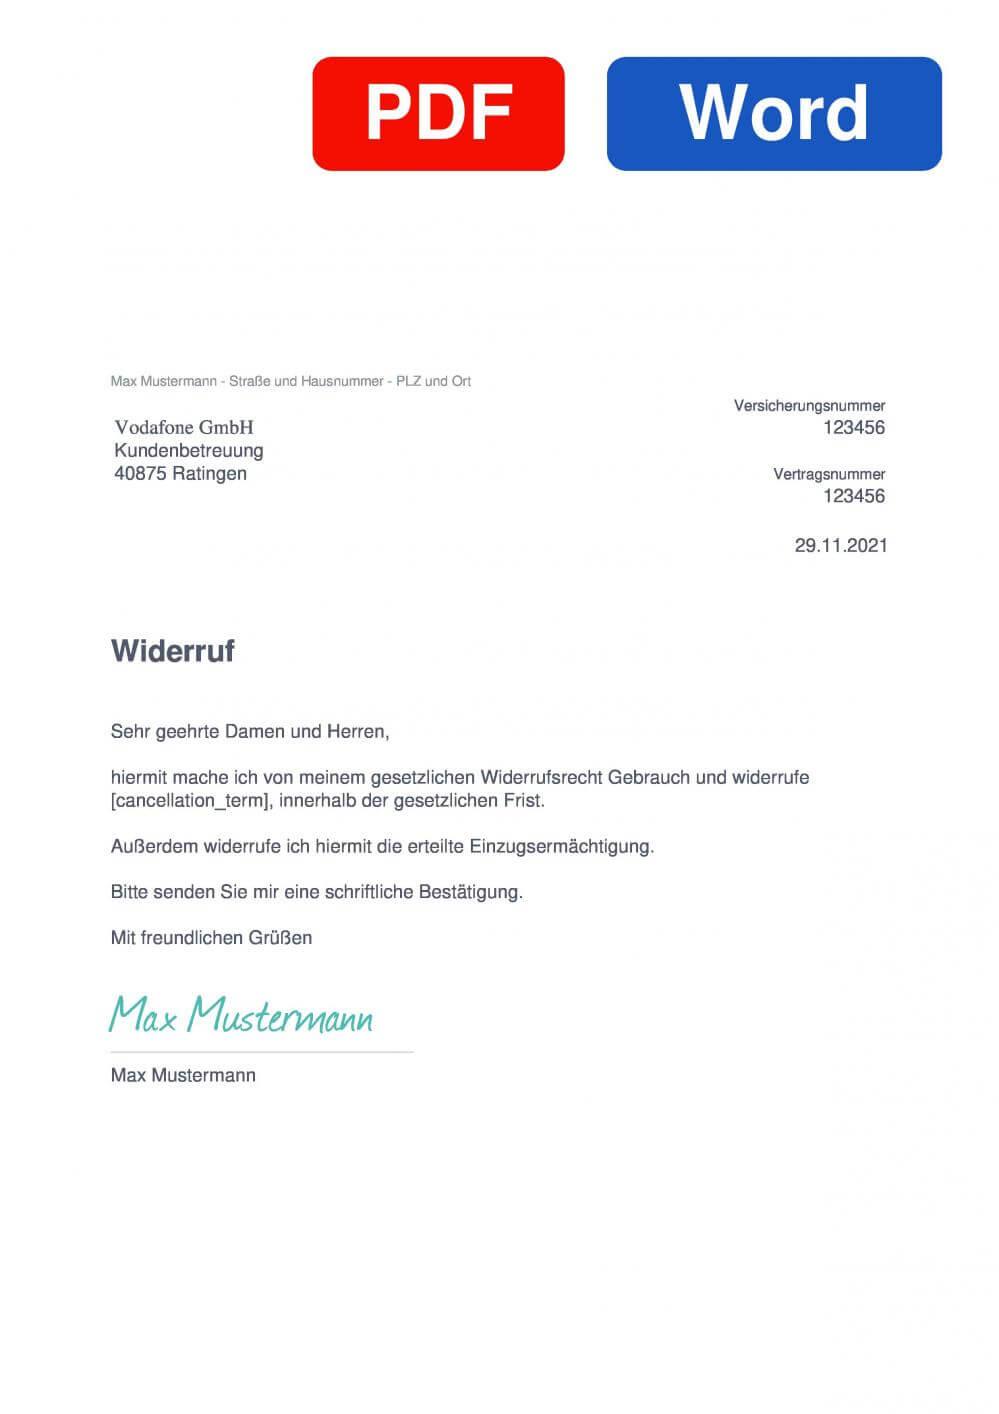 Vodafone Handyversicherung Muster Vorlage für Wiederrufsschreiben